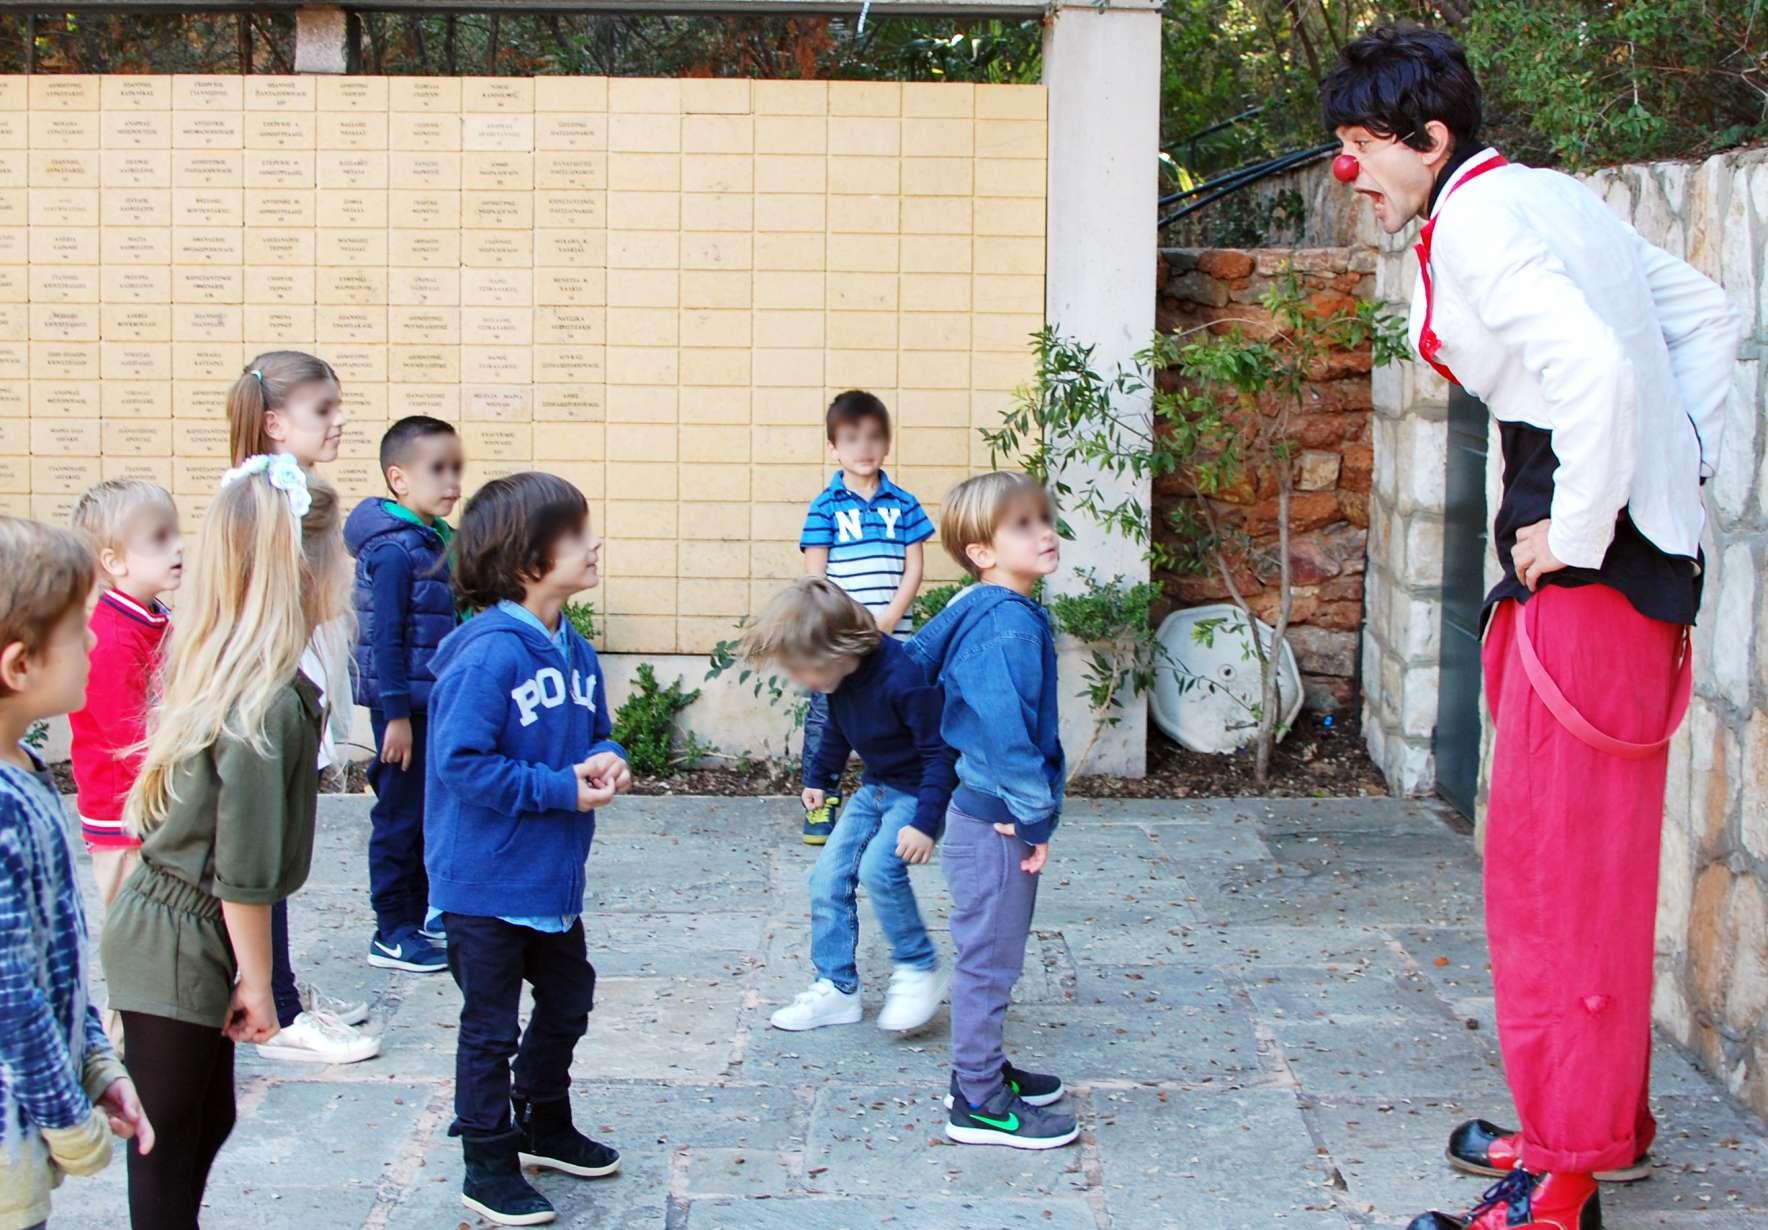 Κλόουν ψυχαγωγεί παιδιά σε παιδικό πάρτυ